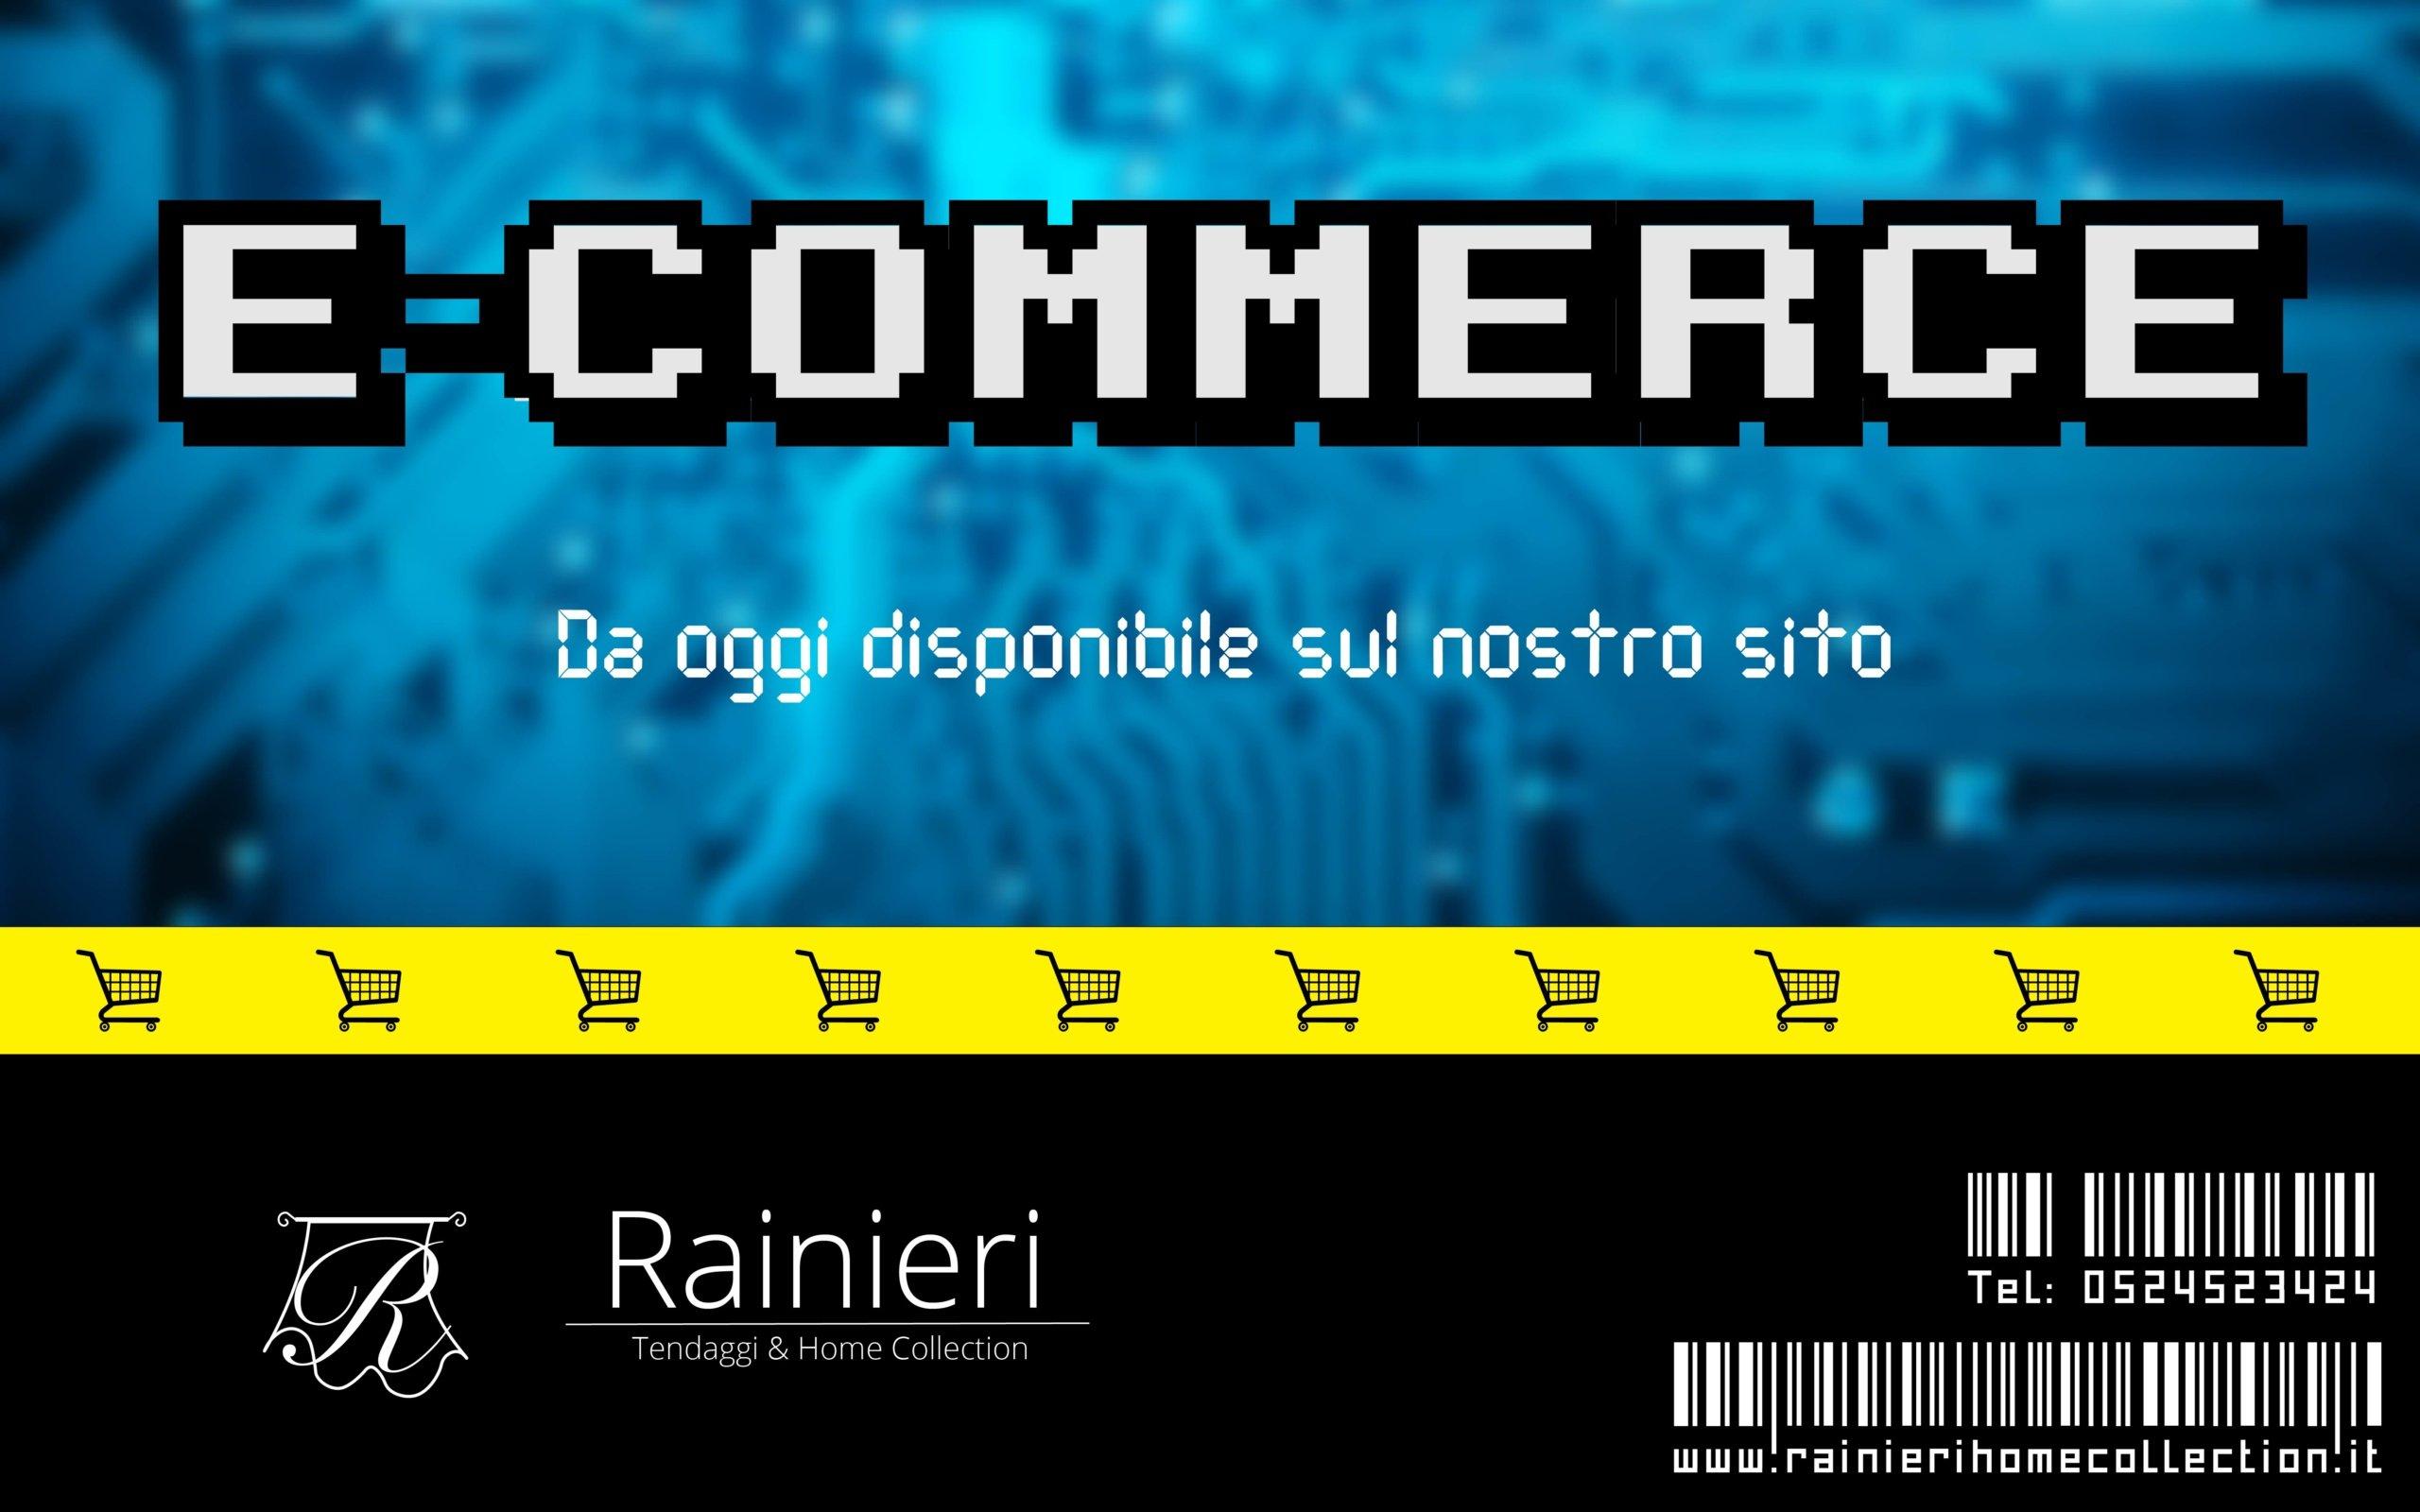 E-commerce ora disponibile